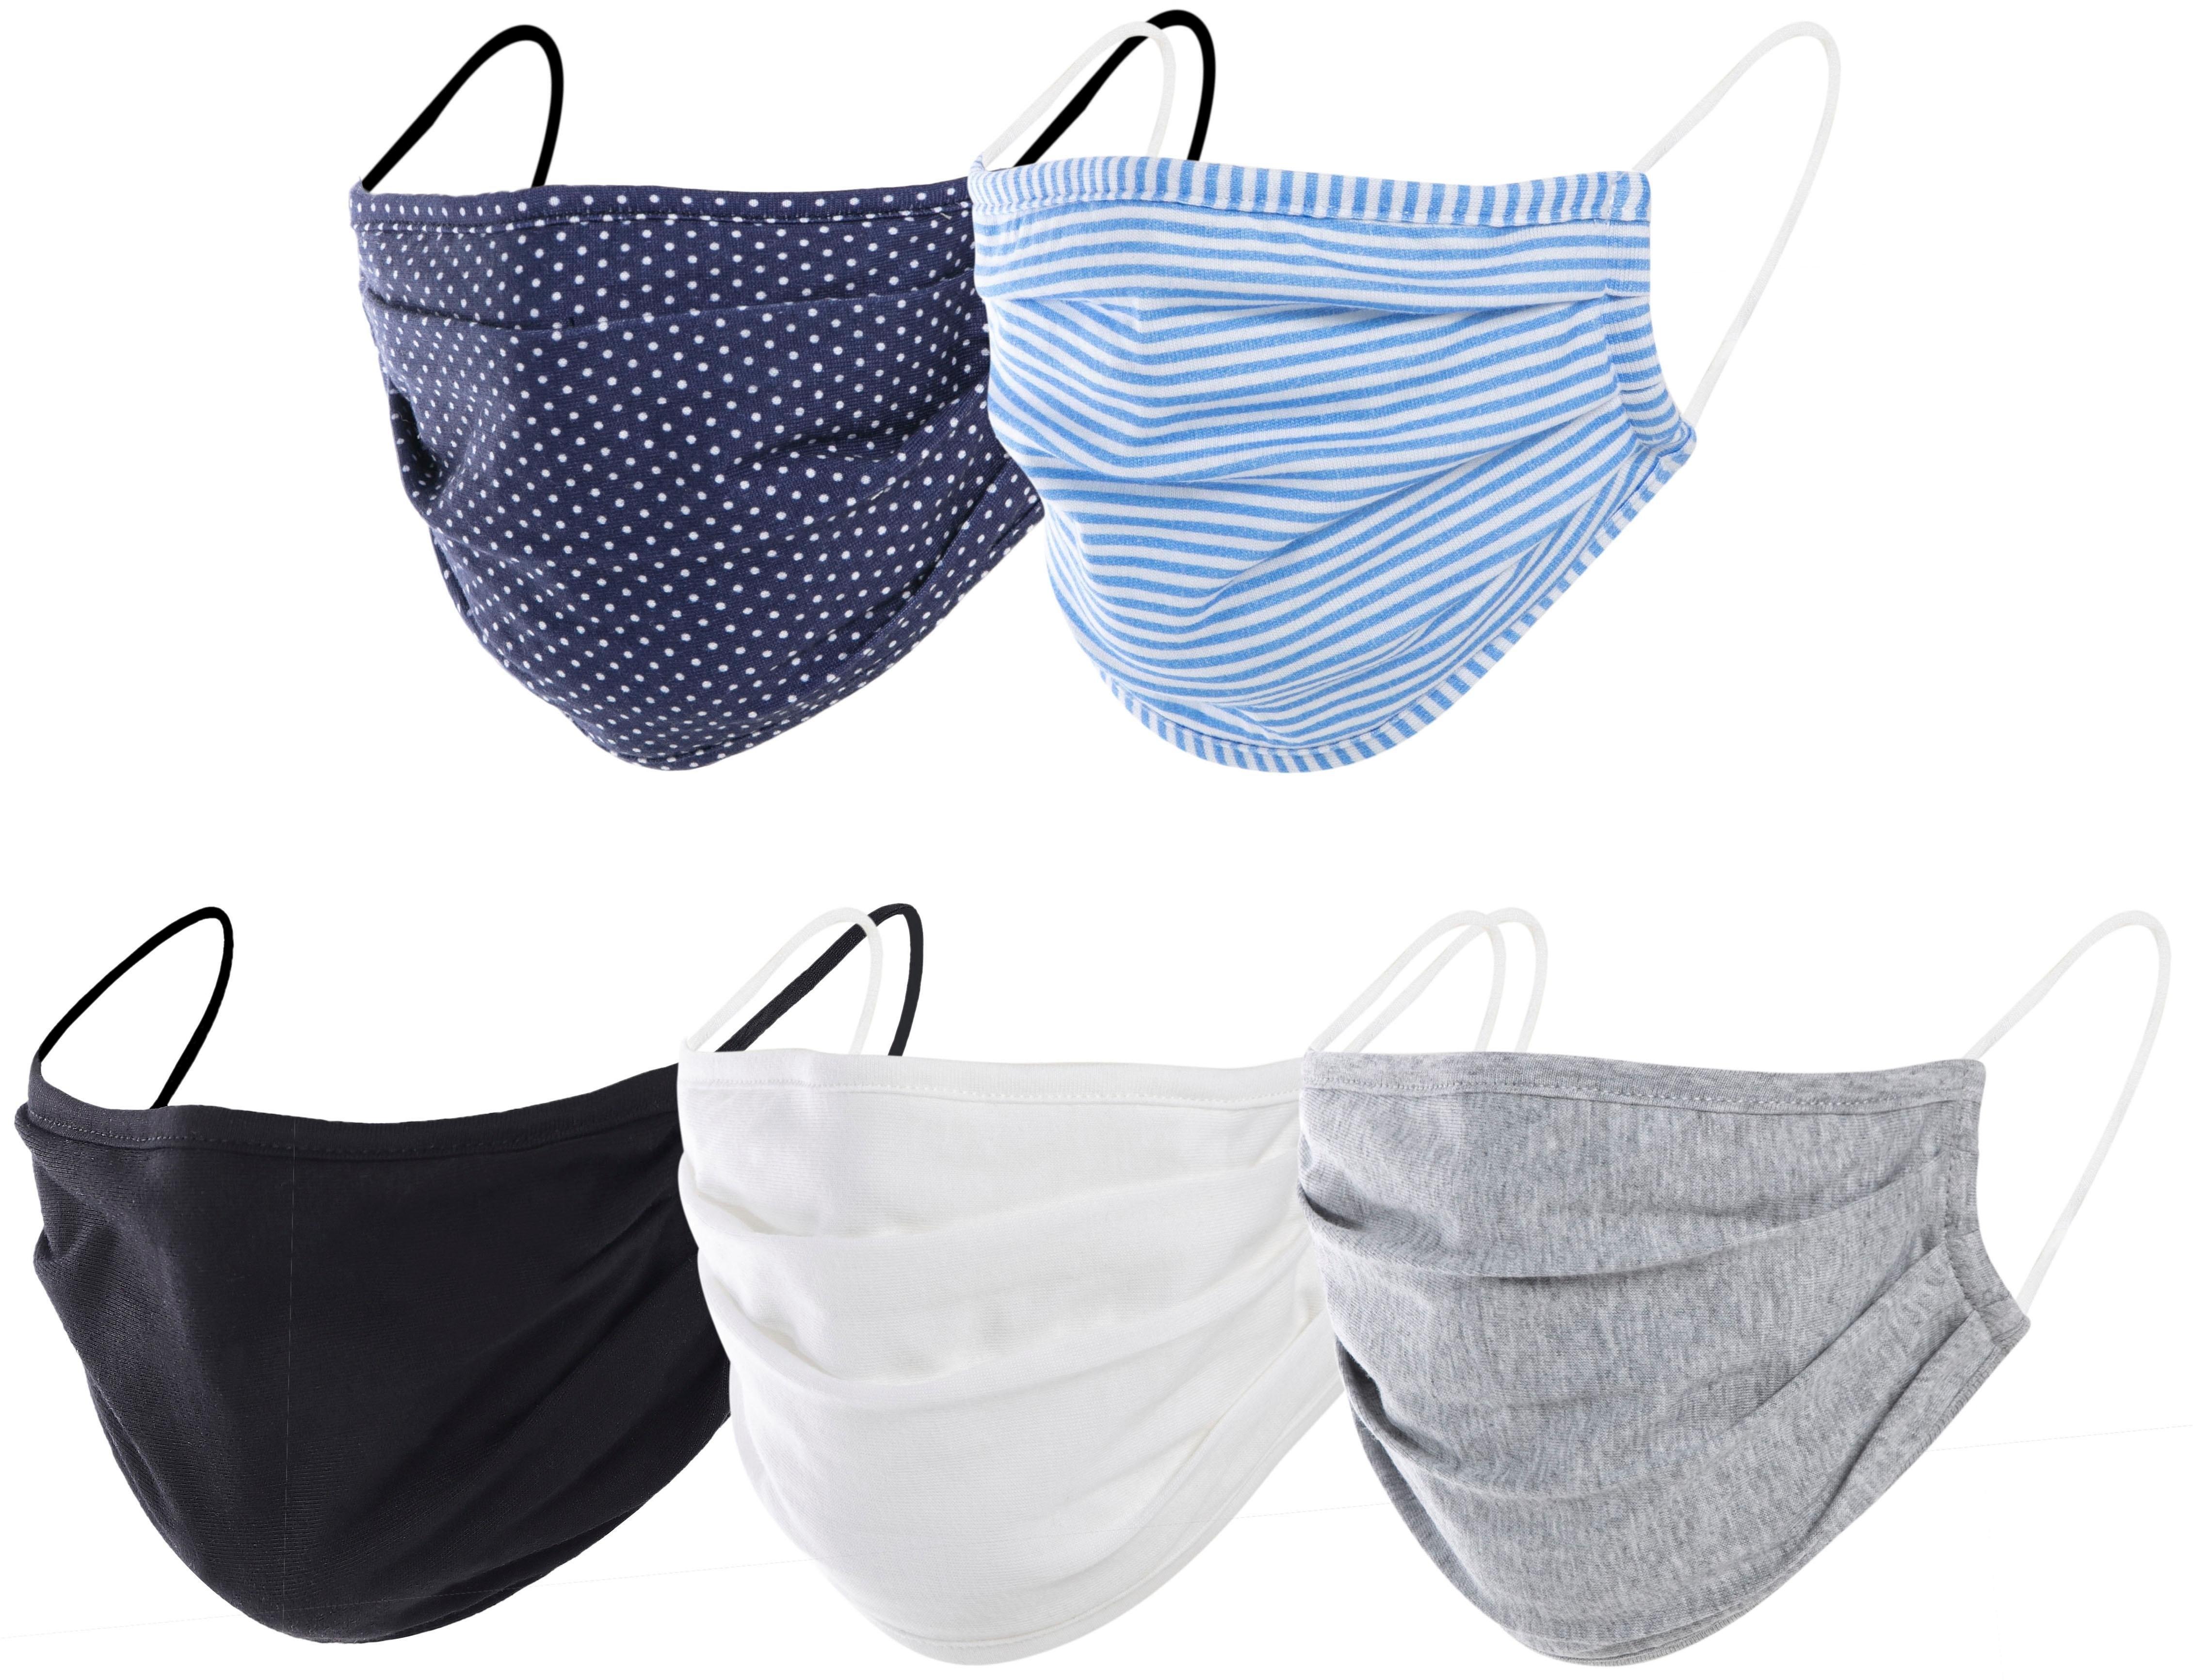 Otto Products Mondkapjes dames - set van 5 voordelig en veilig online kopen